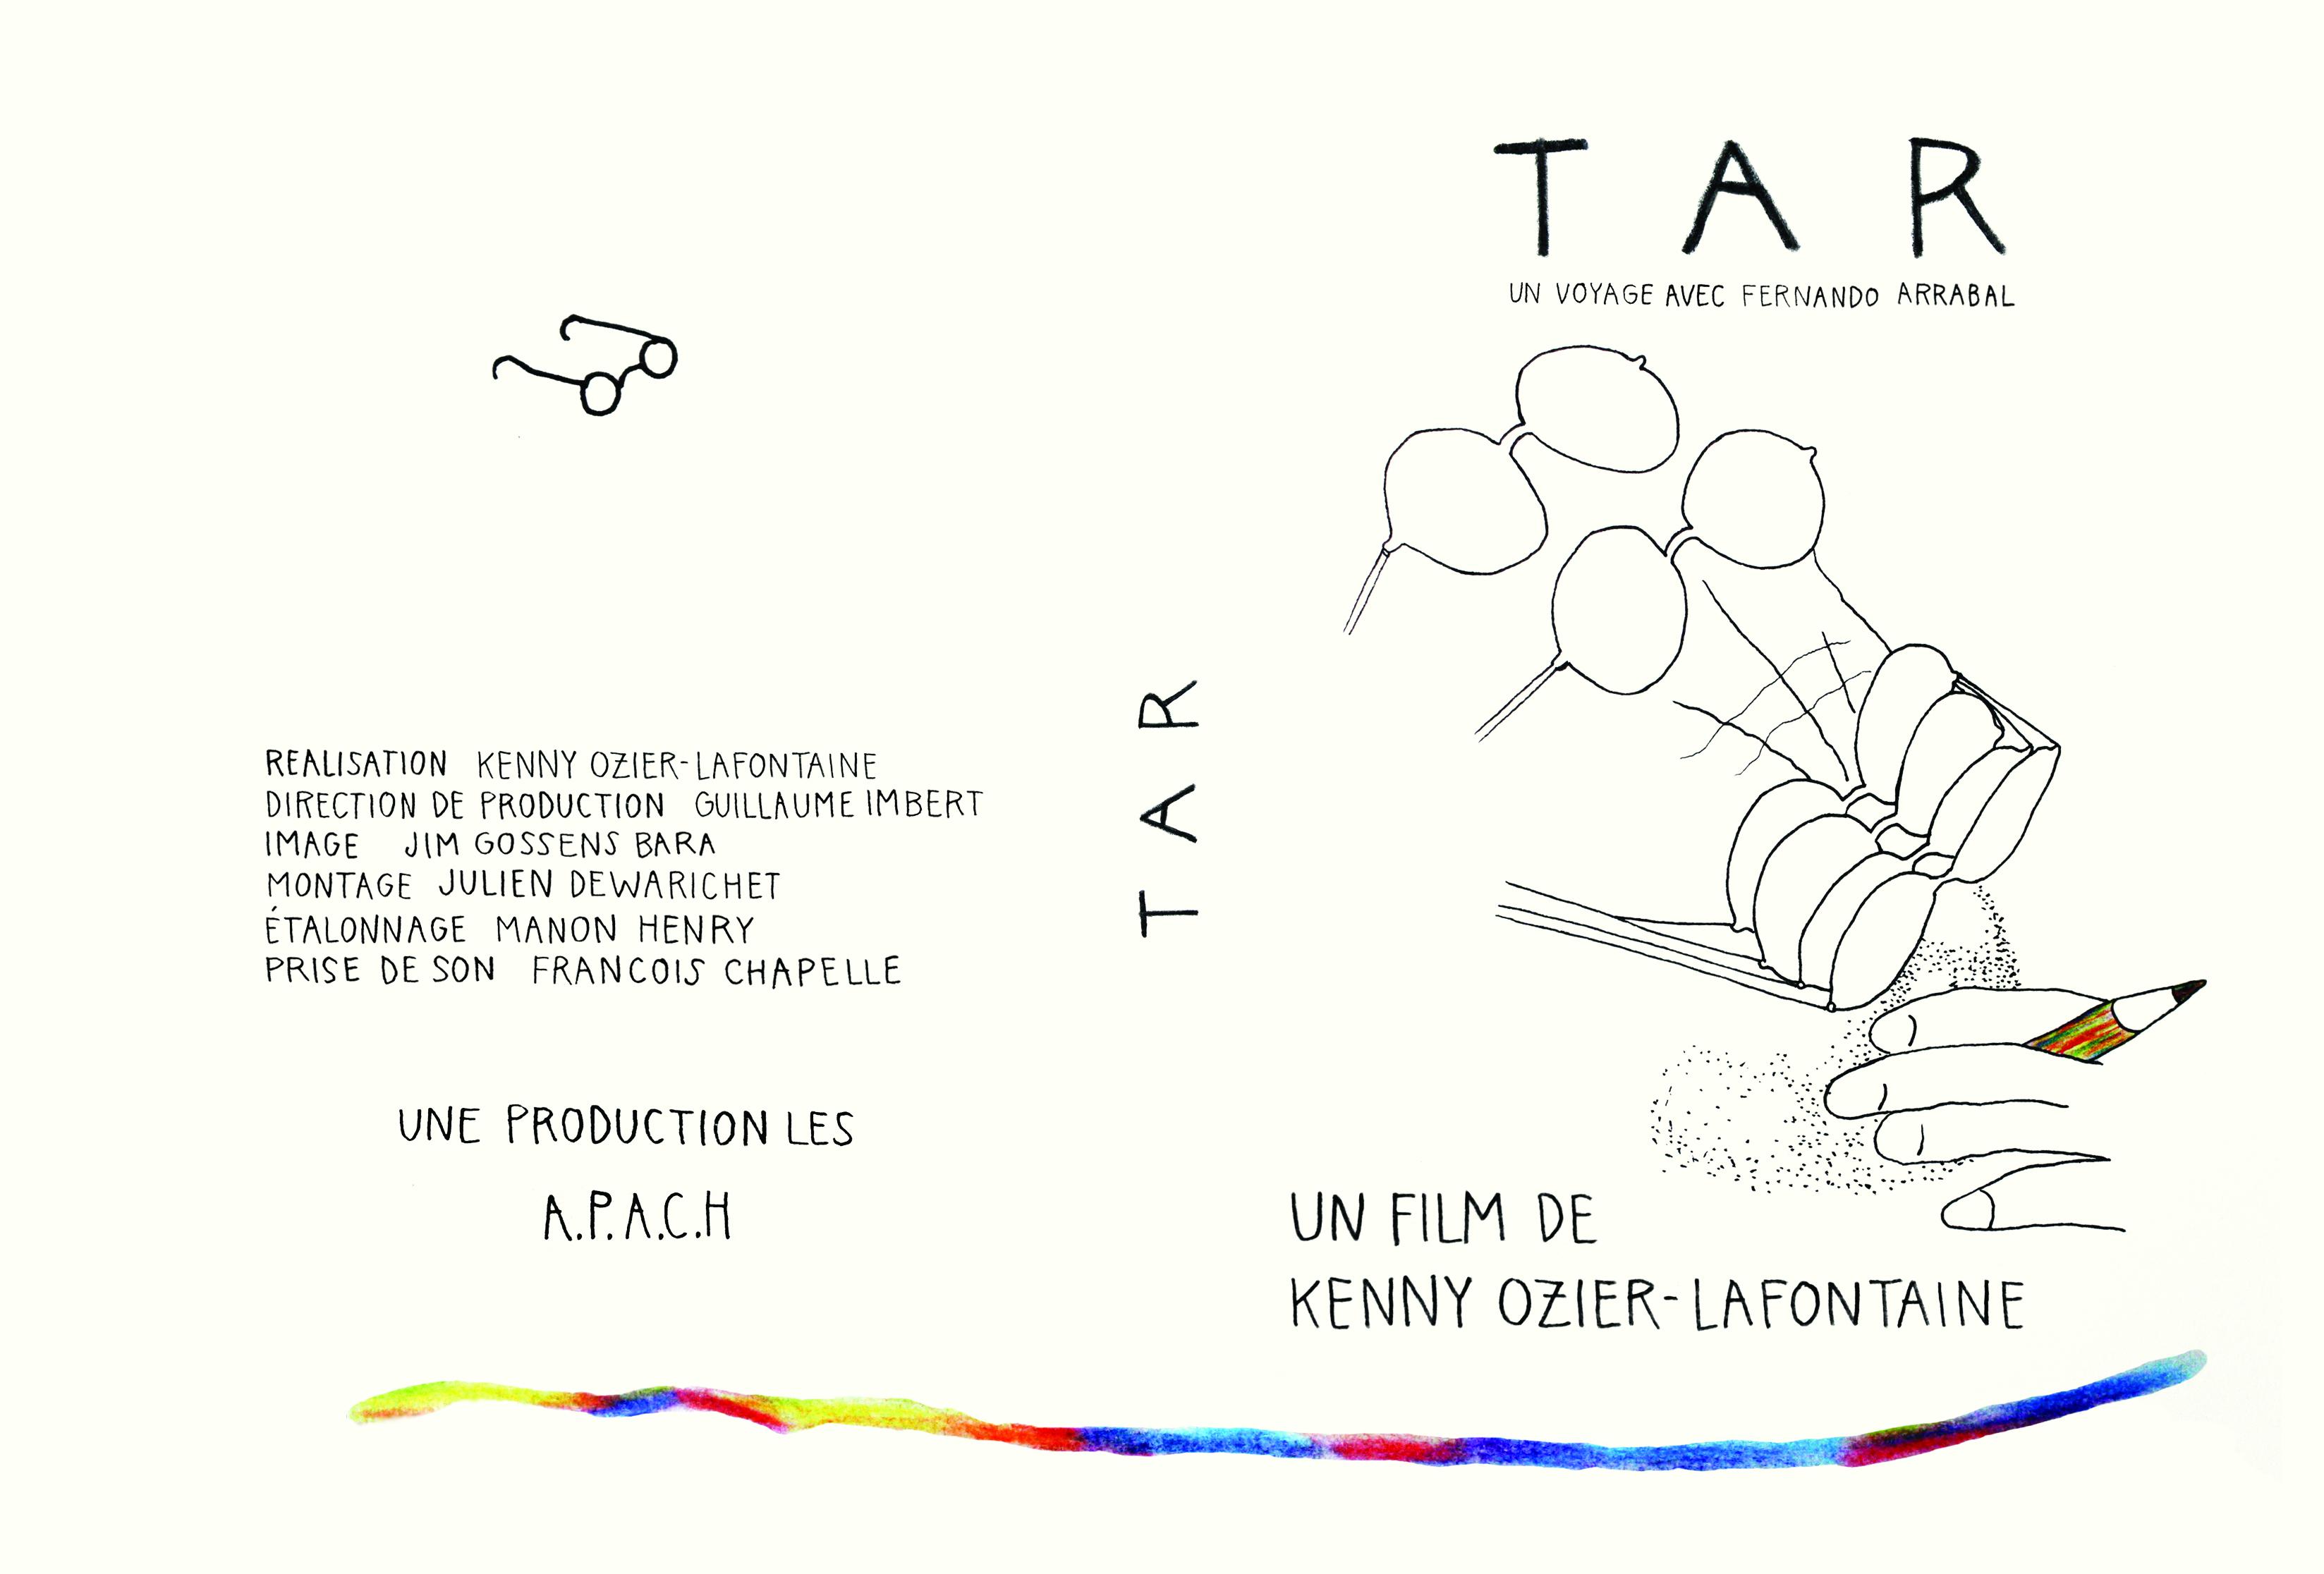 Jackette de diffusion pour le film TAR, réalisé par Kenny Ozier-Lafontaine.